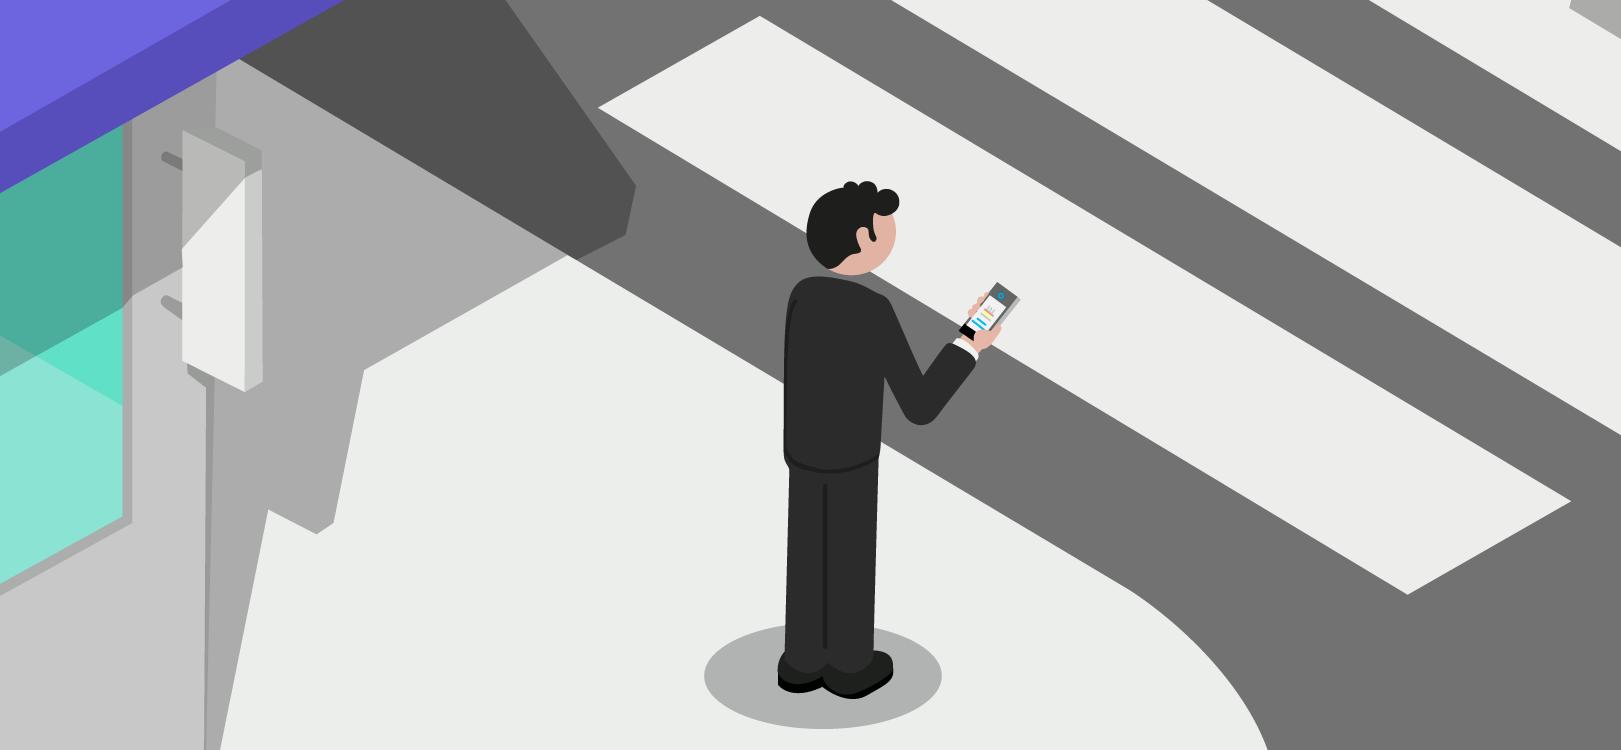 Homme regardant son téléphone sur un trottoir